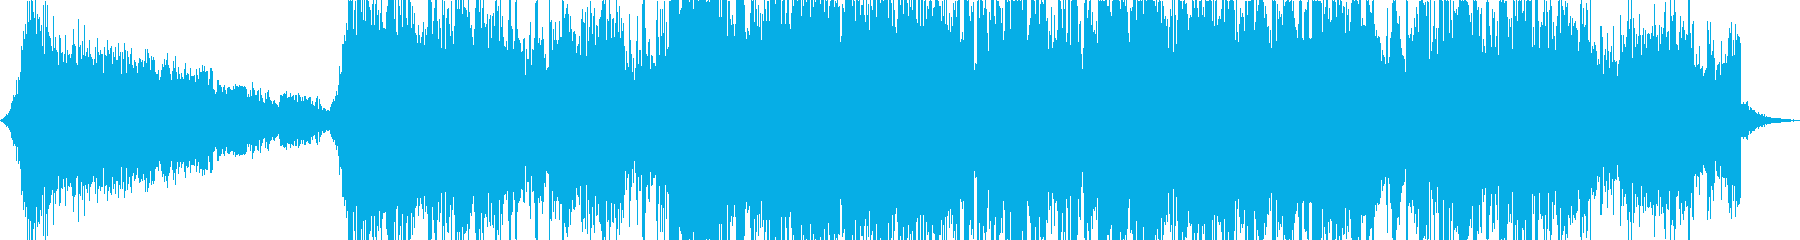 現代的 交響曲 実験的な バトル ...の再生済みの波形